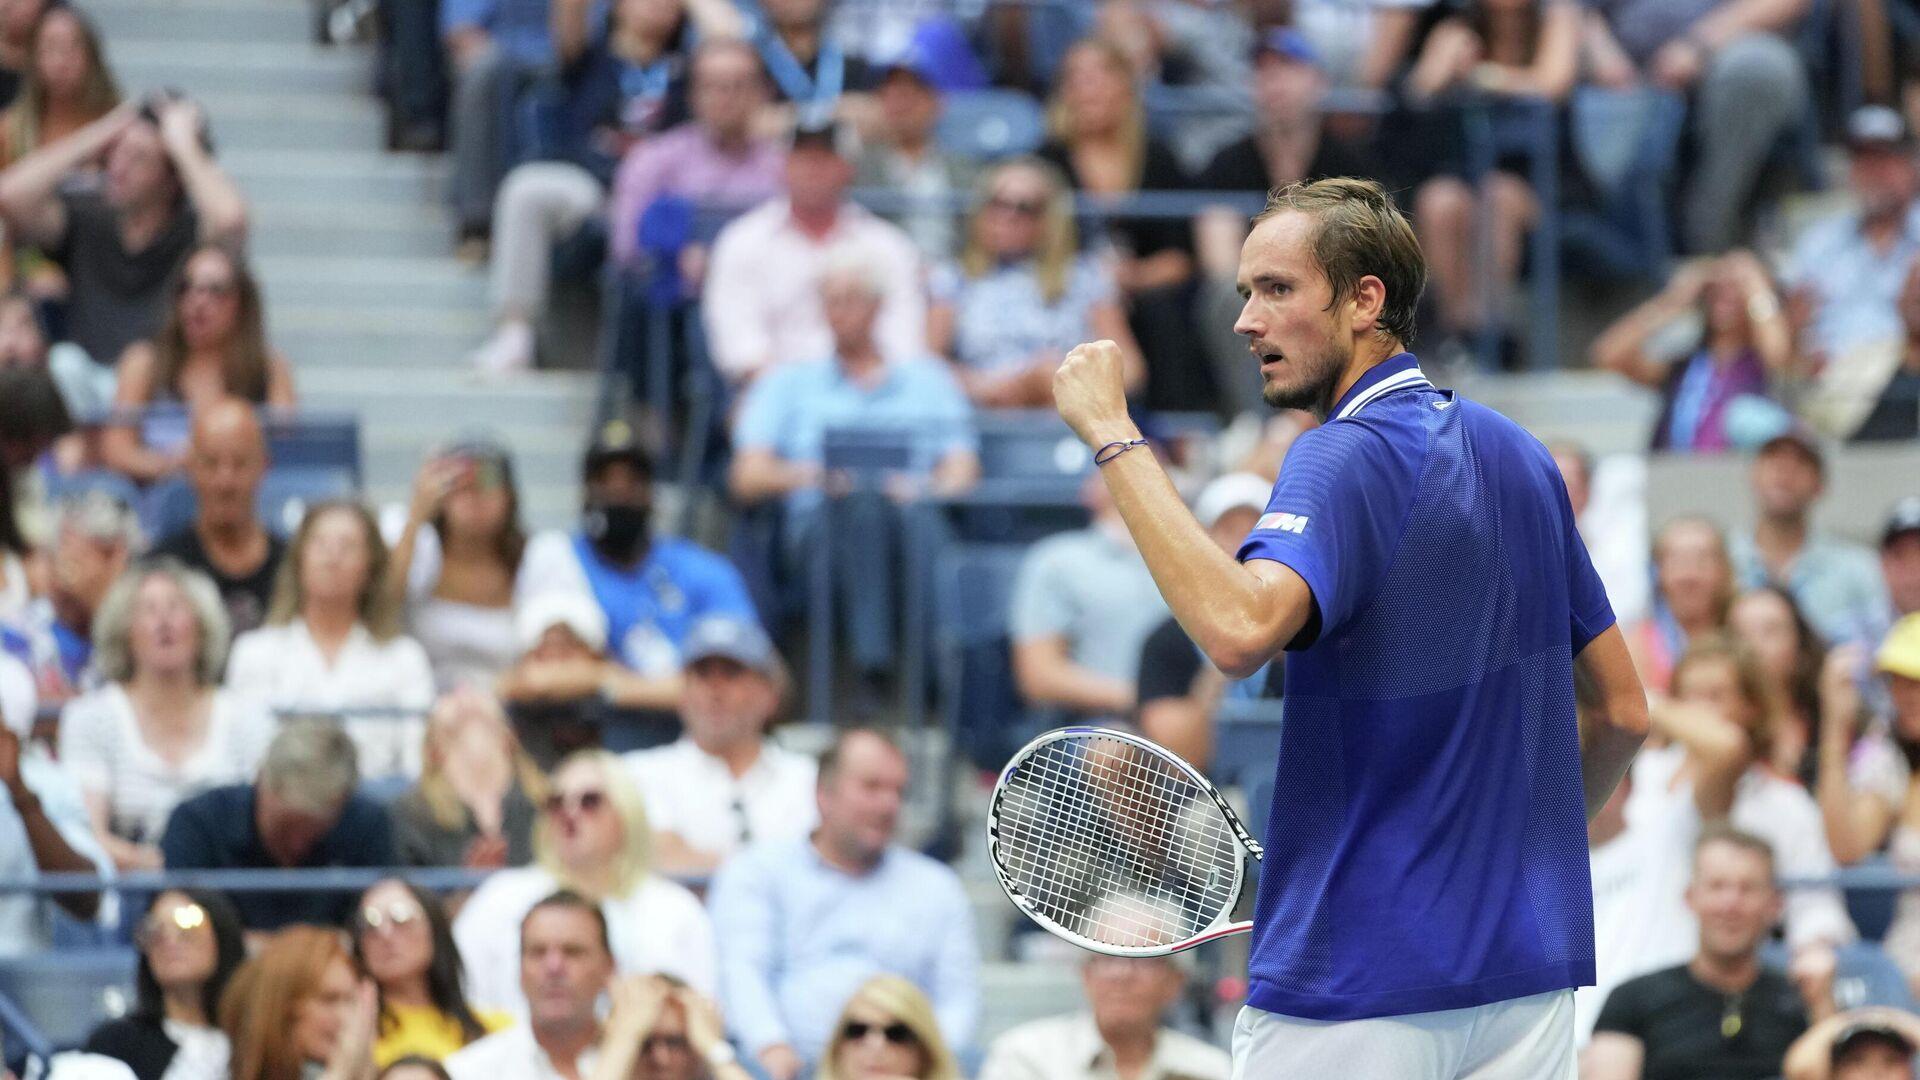 Российский теннисист Даниил Медведев после победы на US Open - РИА Новости, 1920, 13.09.2021